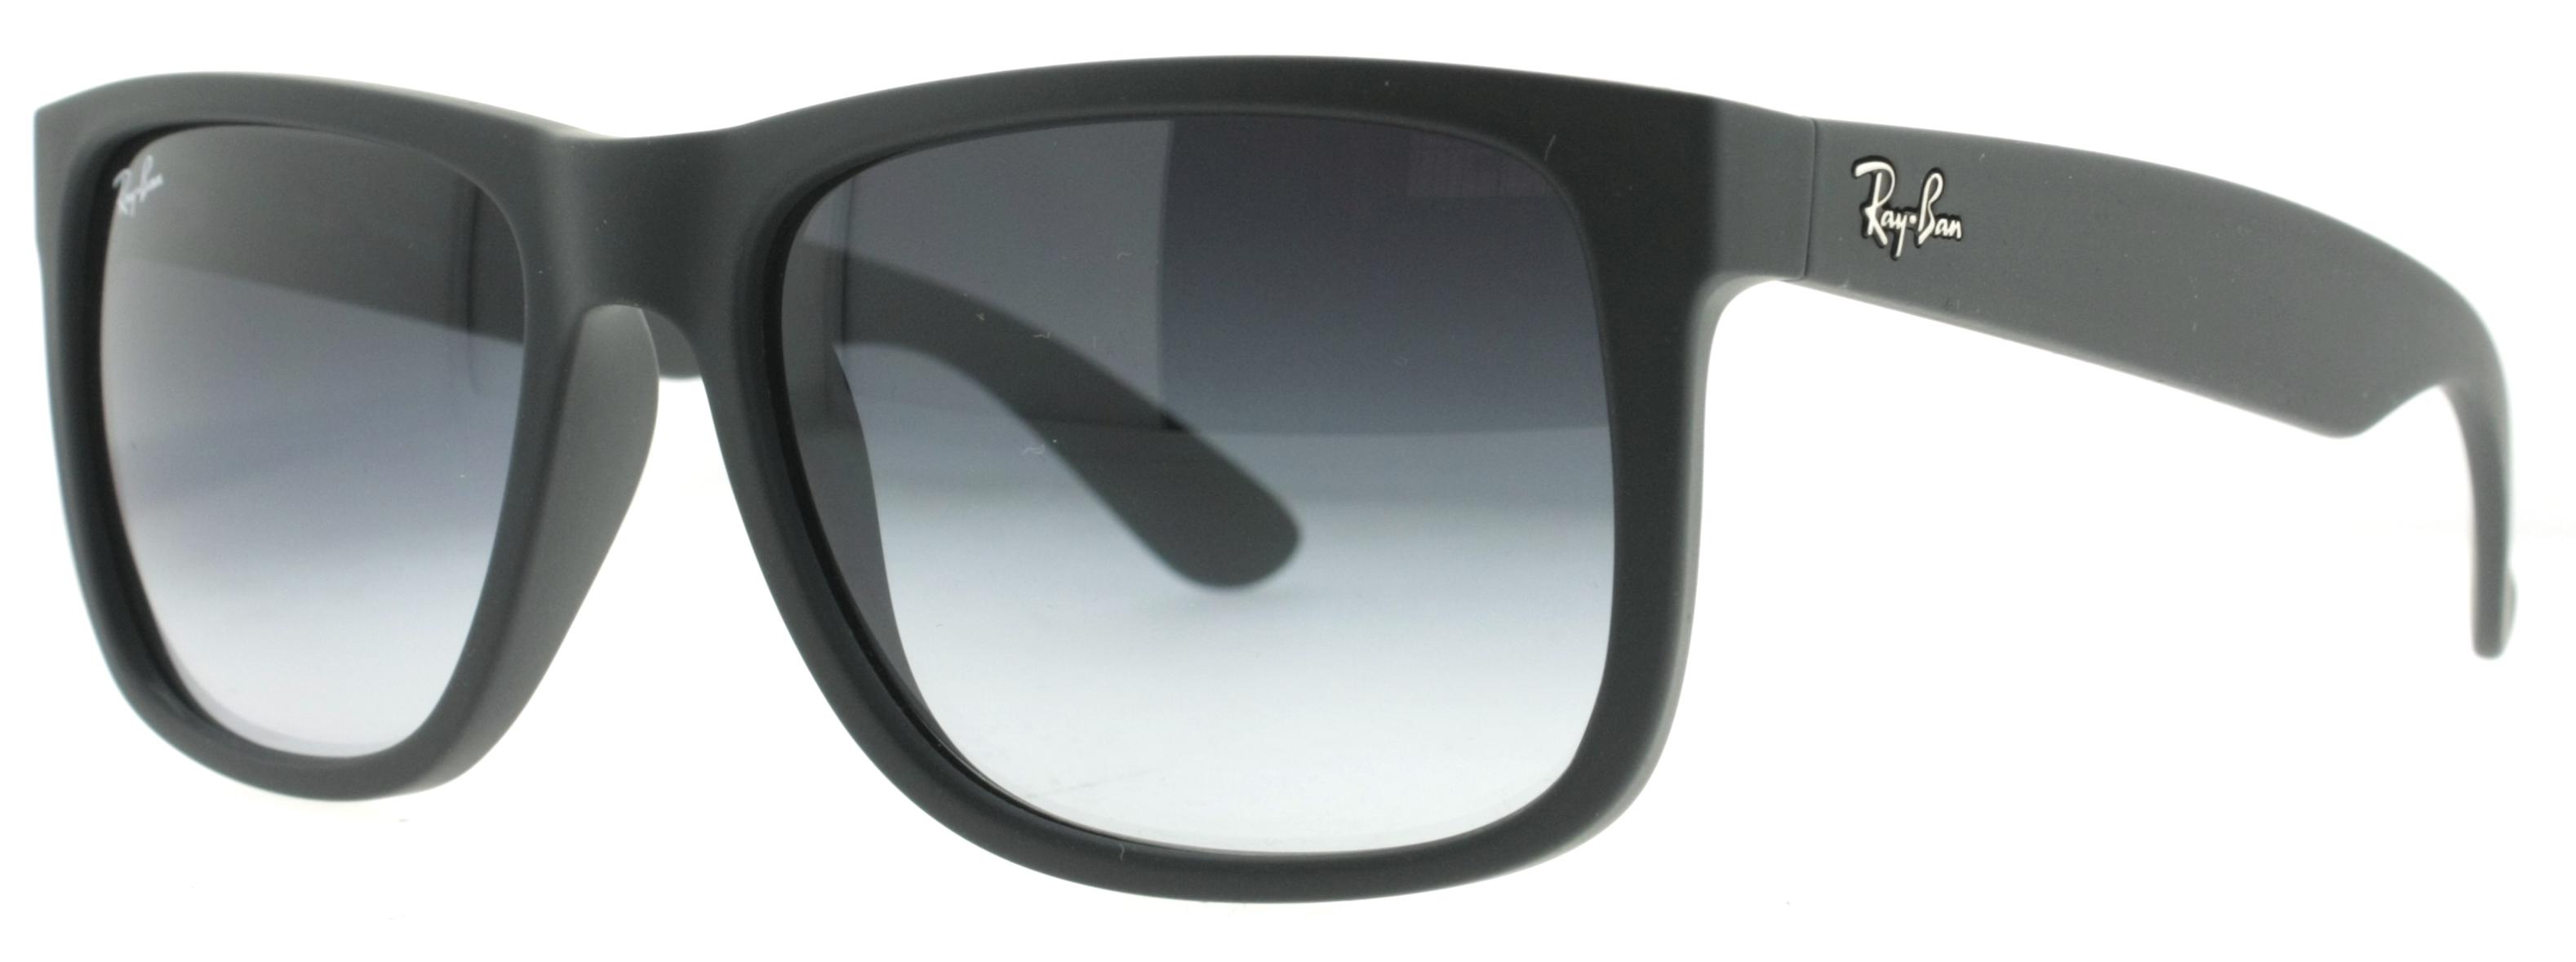 ray sunglasses  ray ban rb 4165 justin